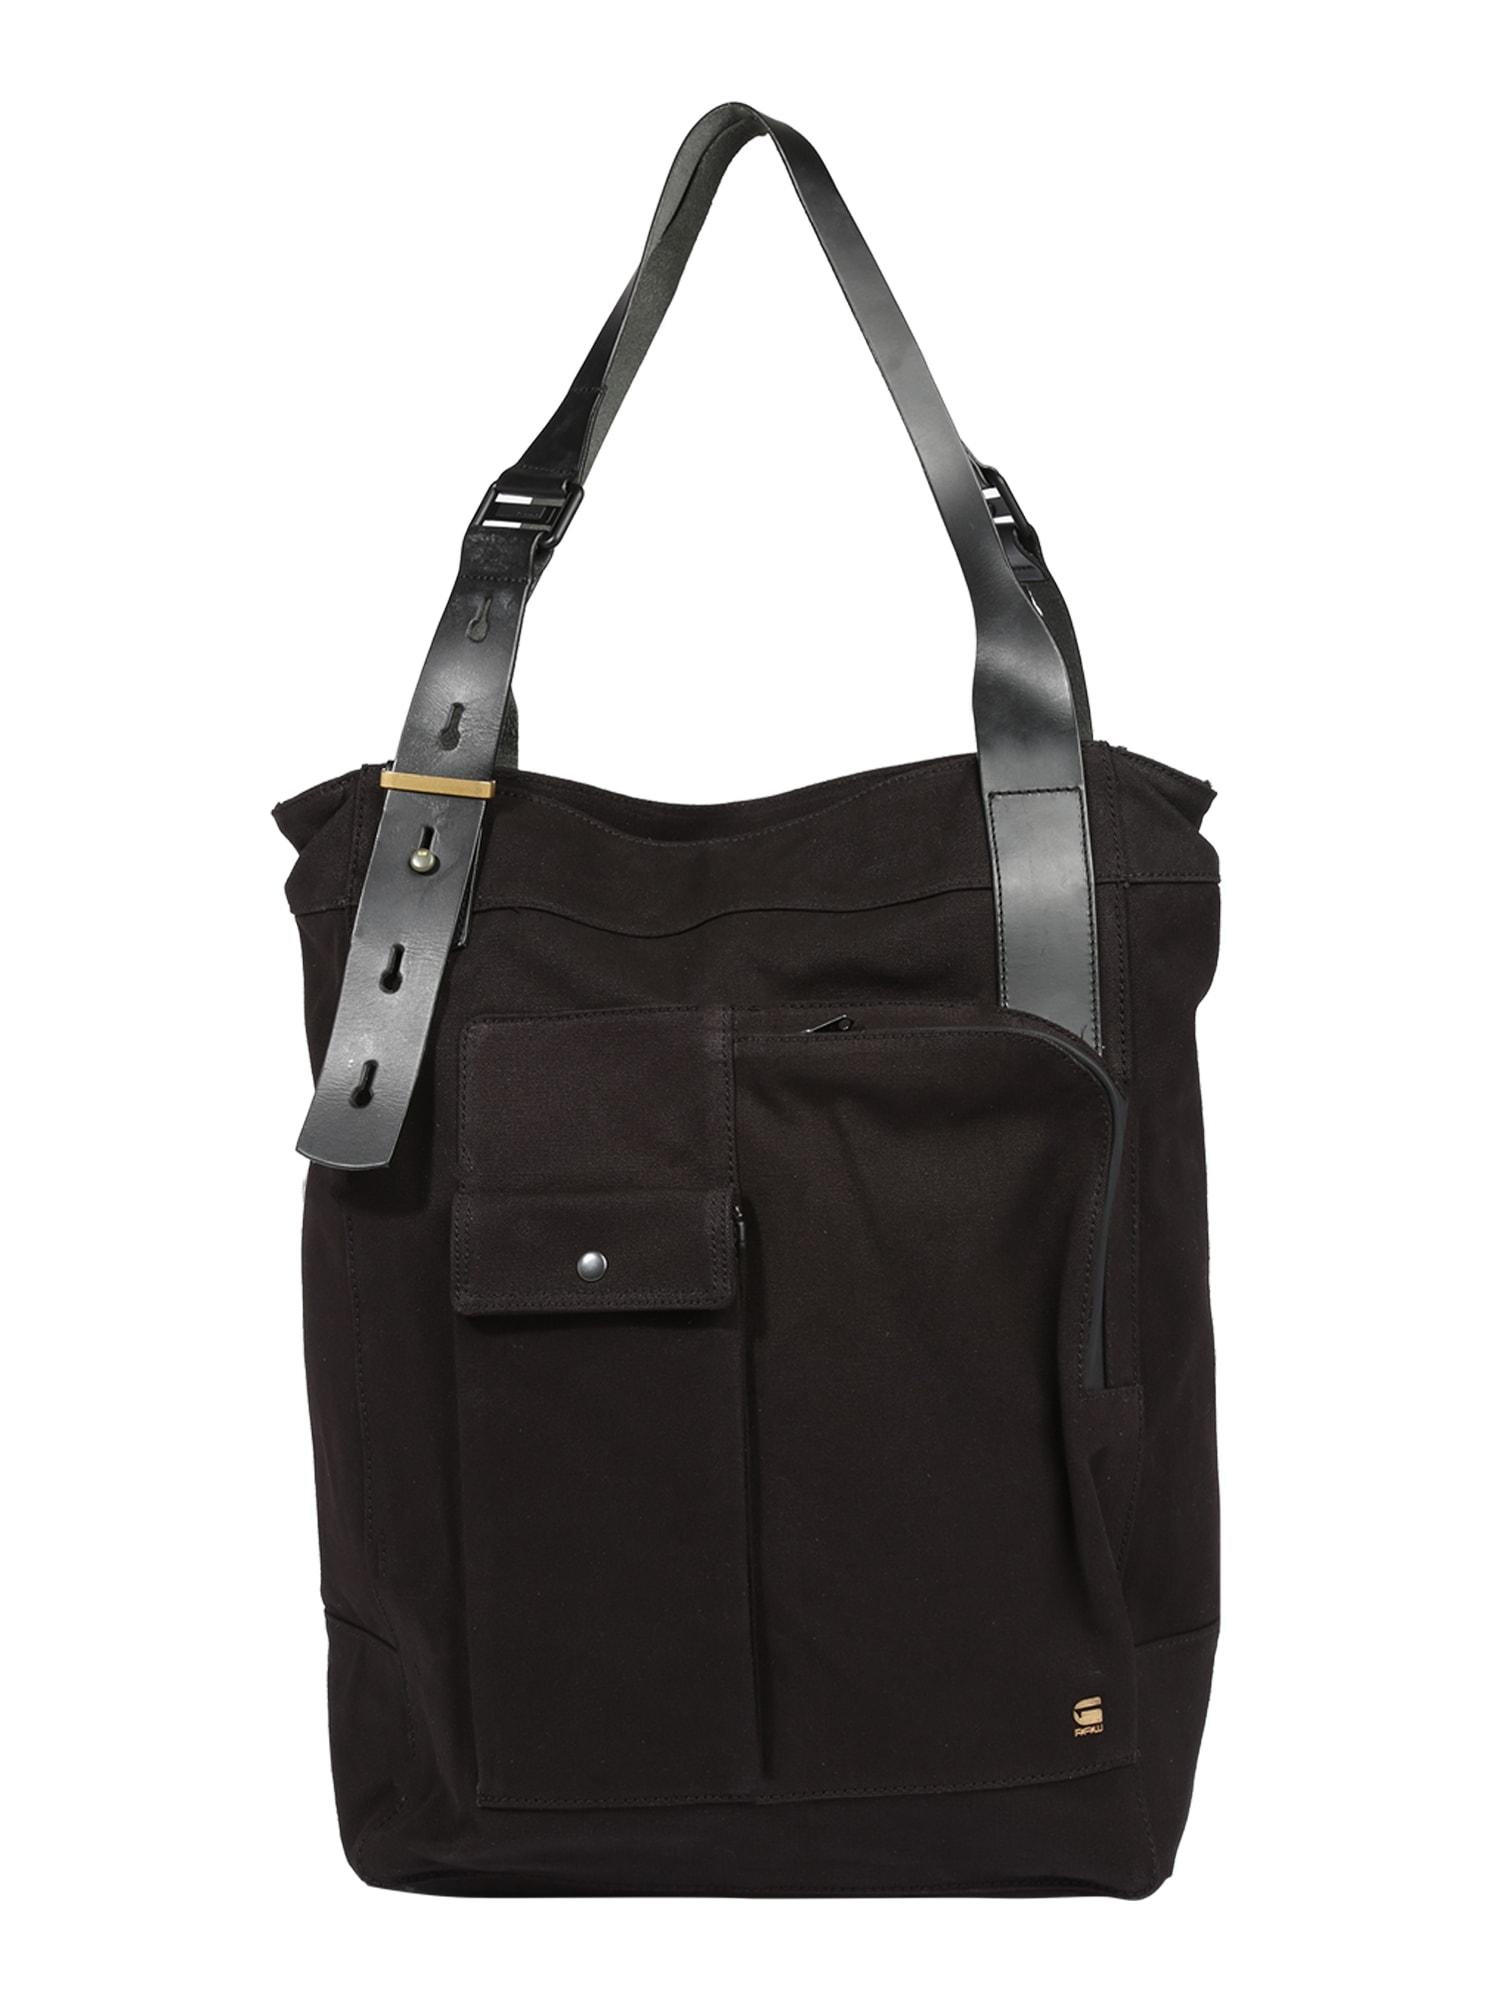 G-Star RAW Pirkinių krepšys 'Claxs' juoda